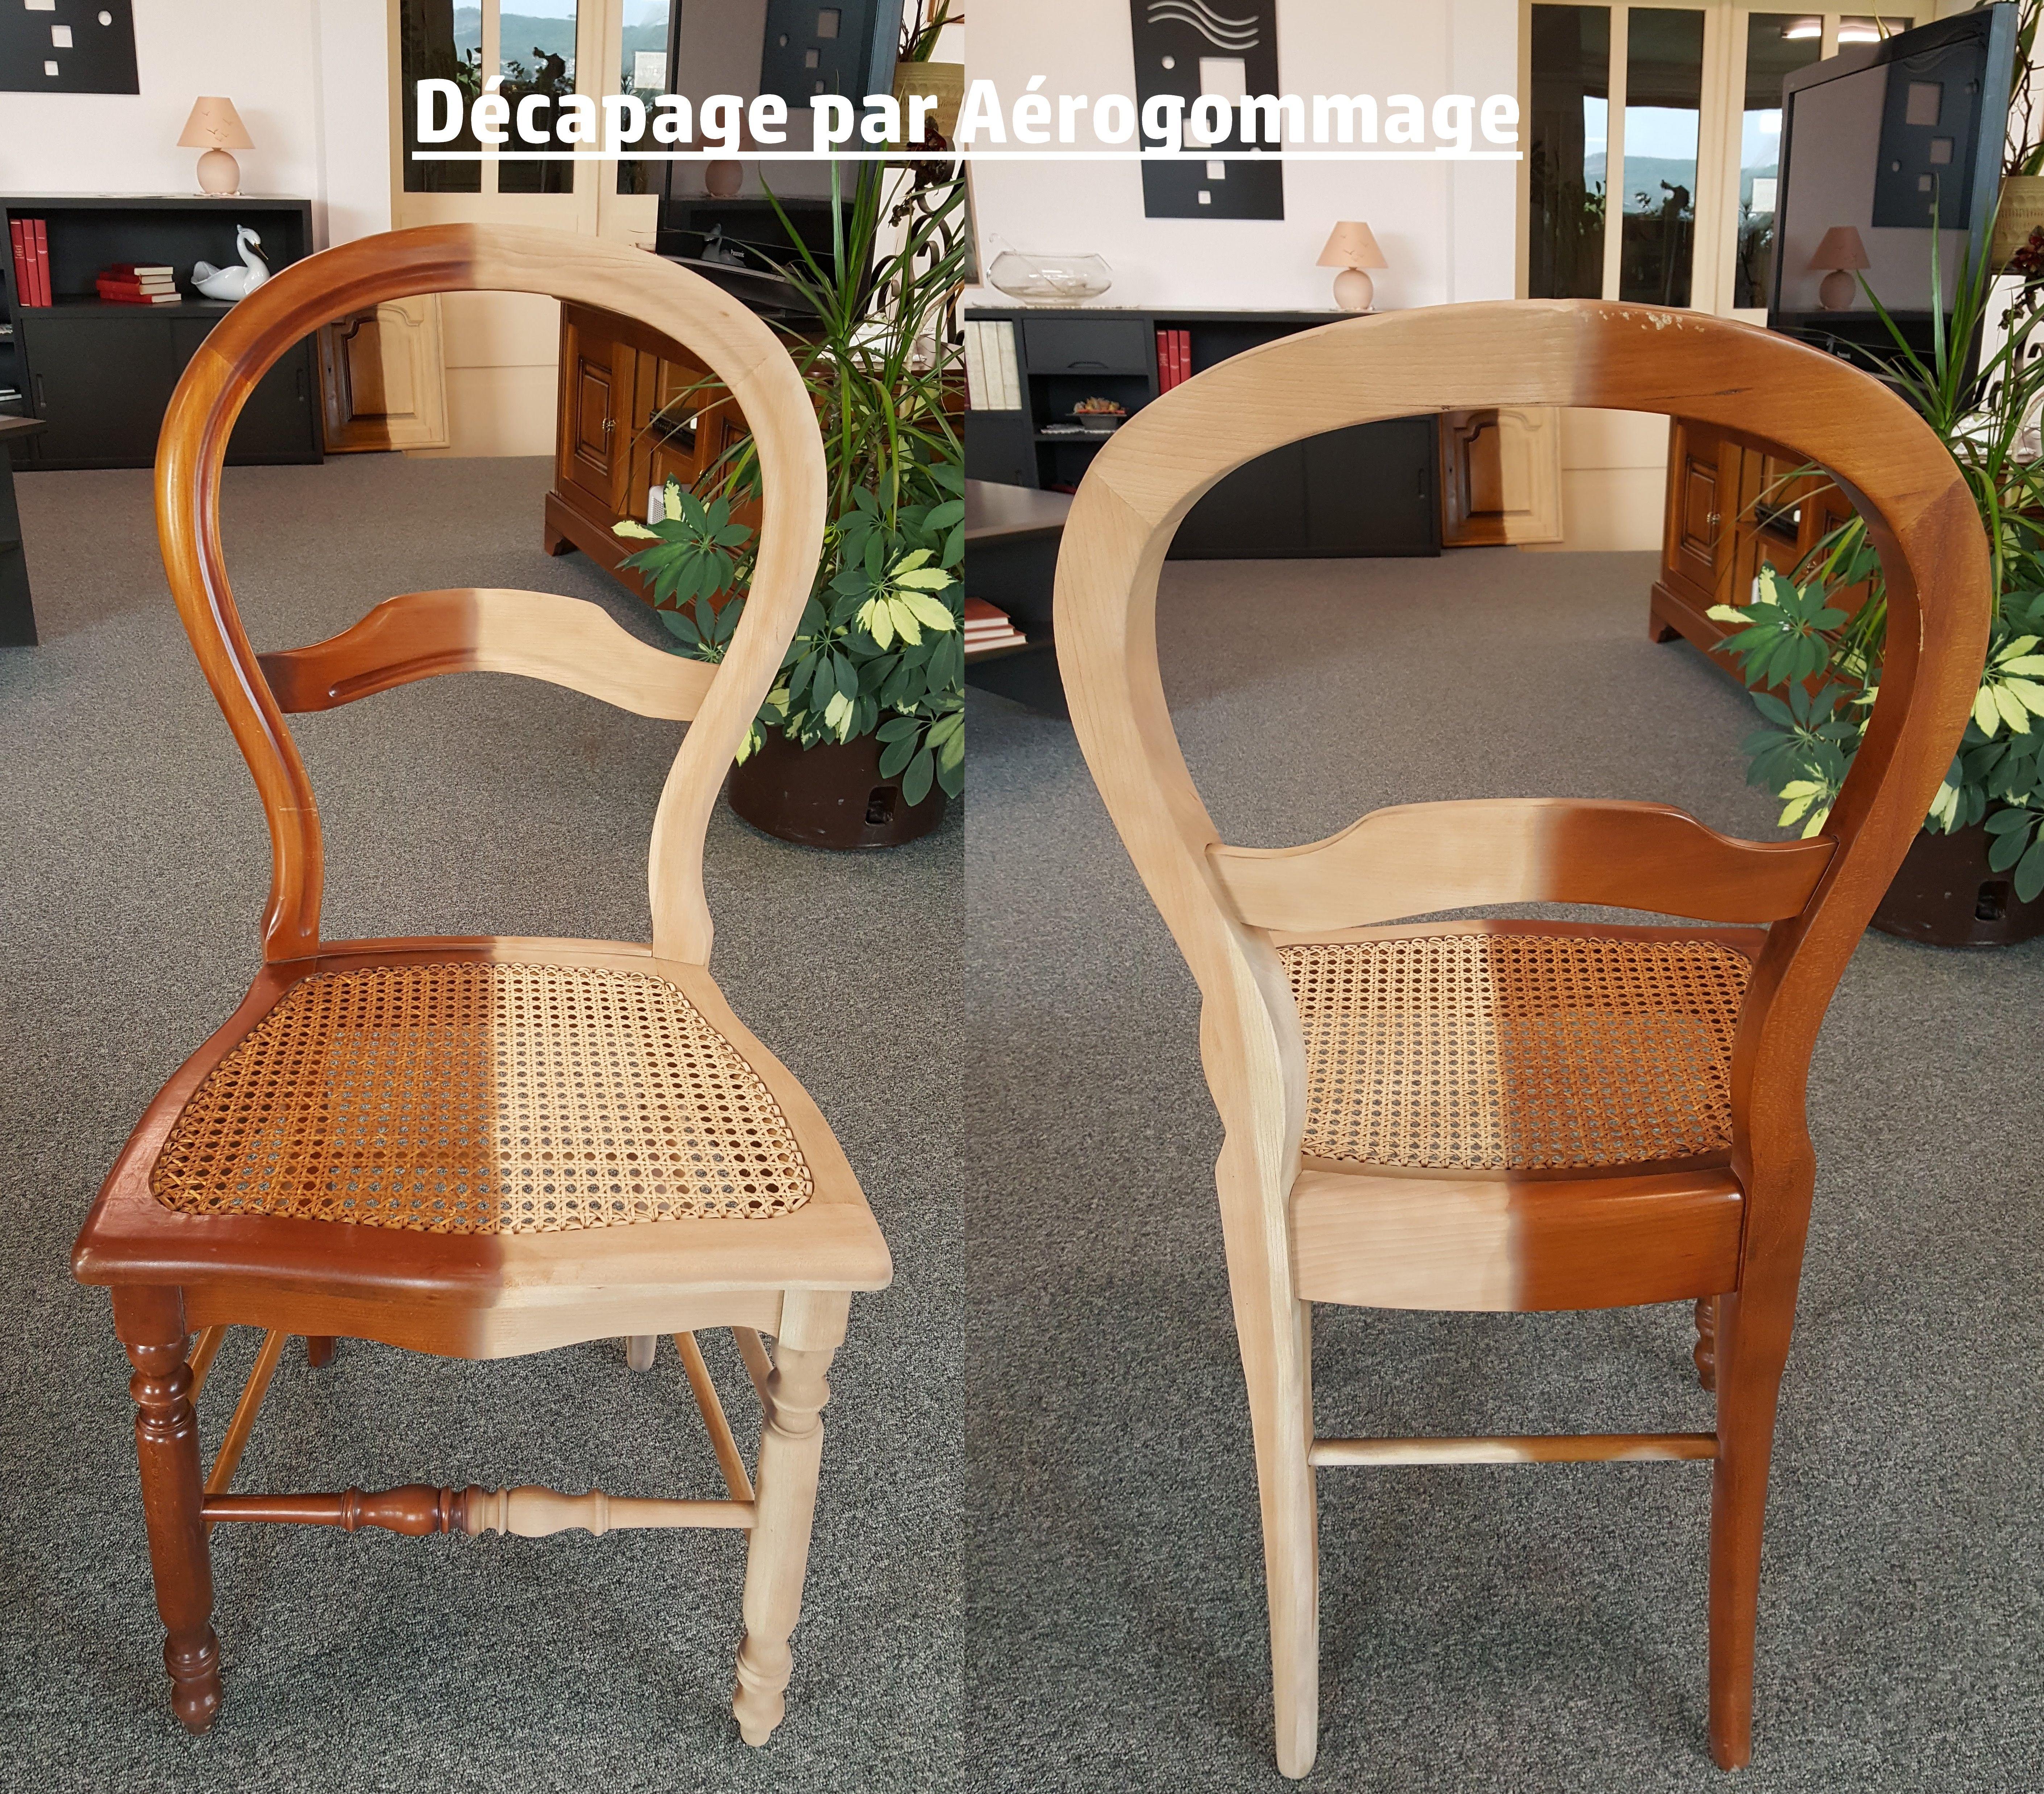 Decapage Par Aerogommage De La Moitie D Une Chaise En Bois Mobilier De Salon Chaise Salle A Manger Chaises Bois